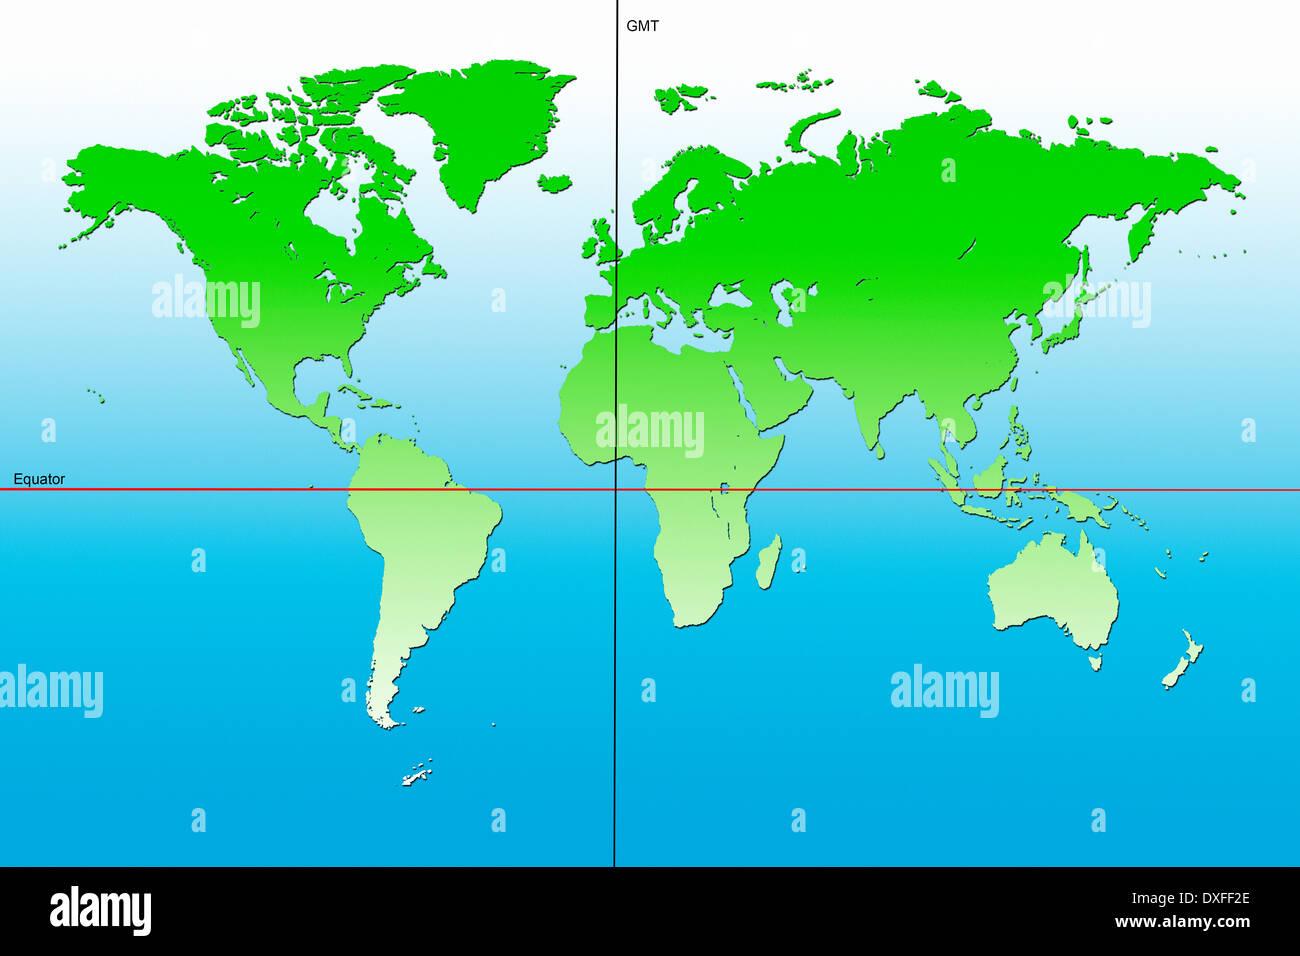 Africa Map Equator Stock Photos & Africa Map Equator Stock ...